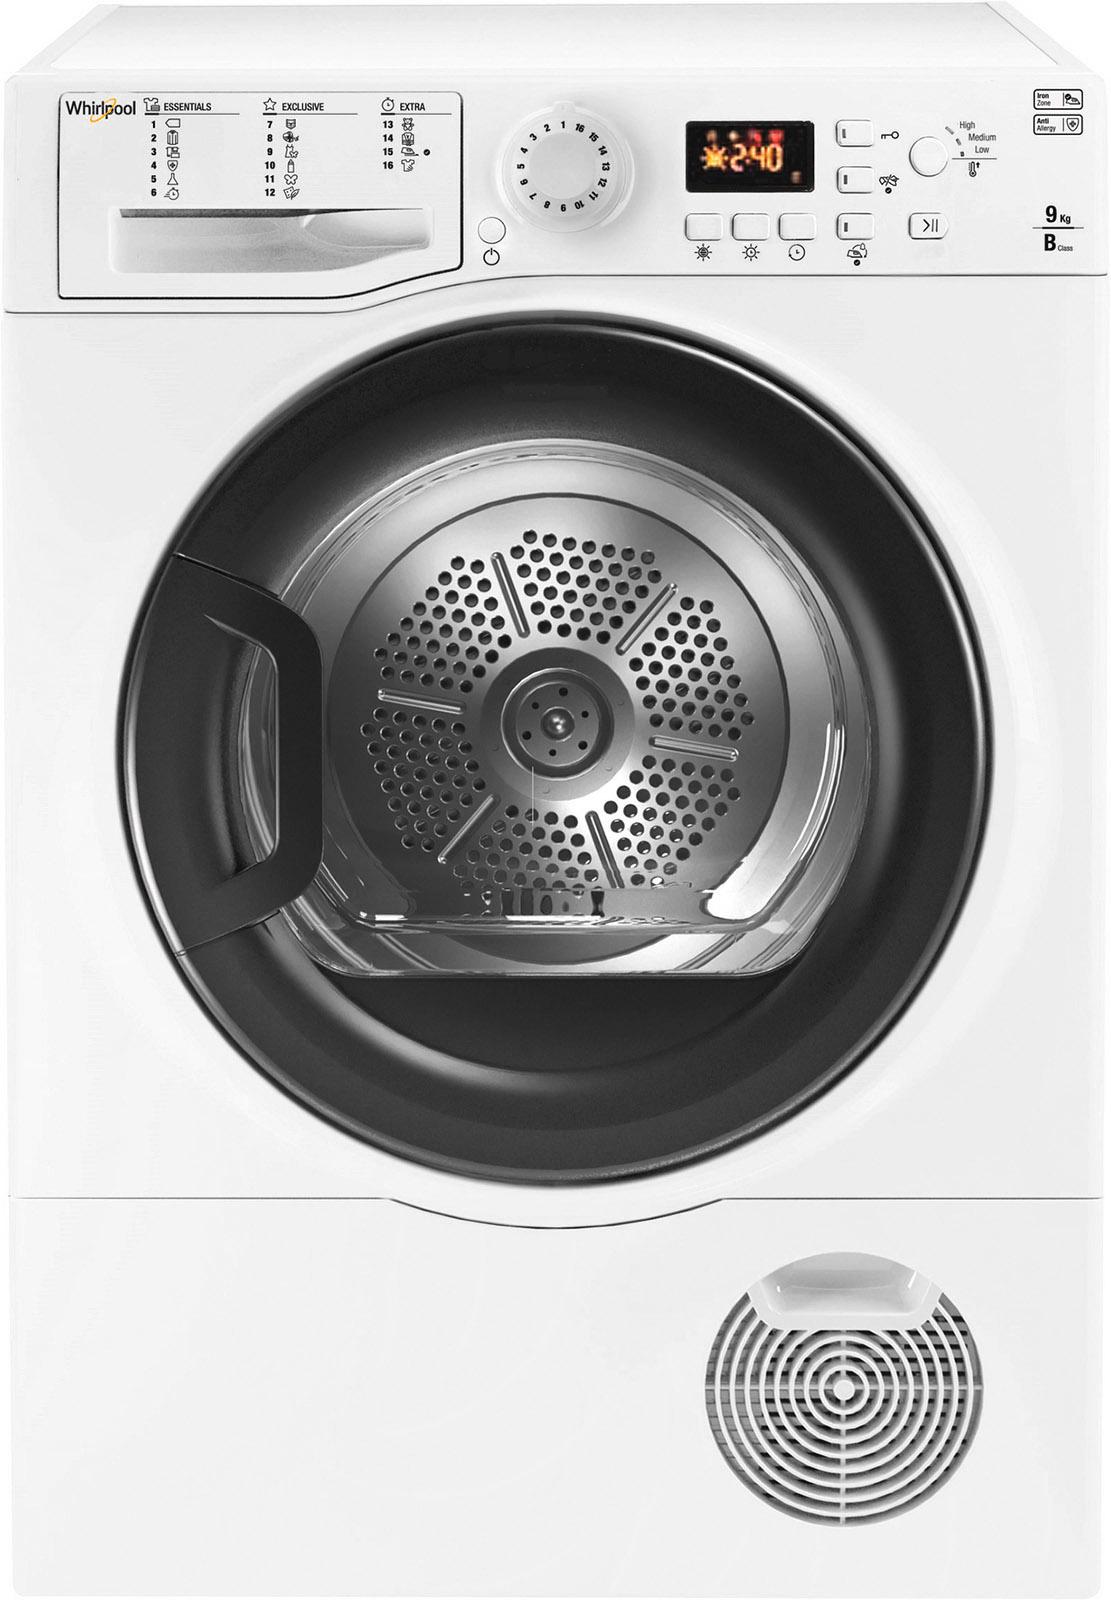 Whirlpool condensdroger WTD 950B BK EU